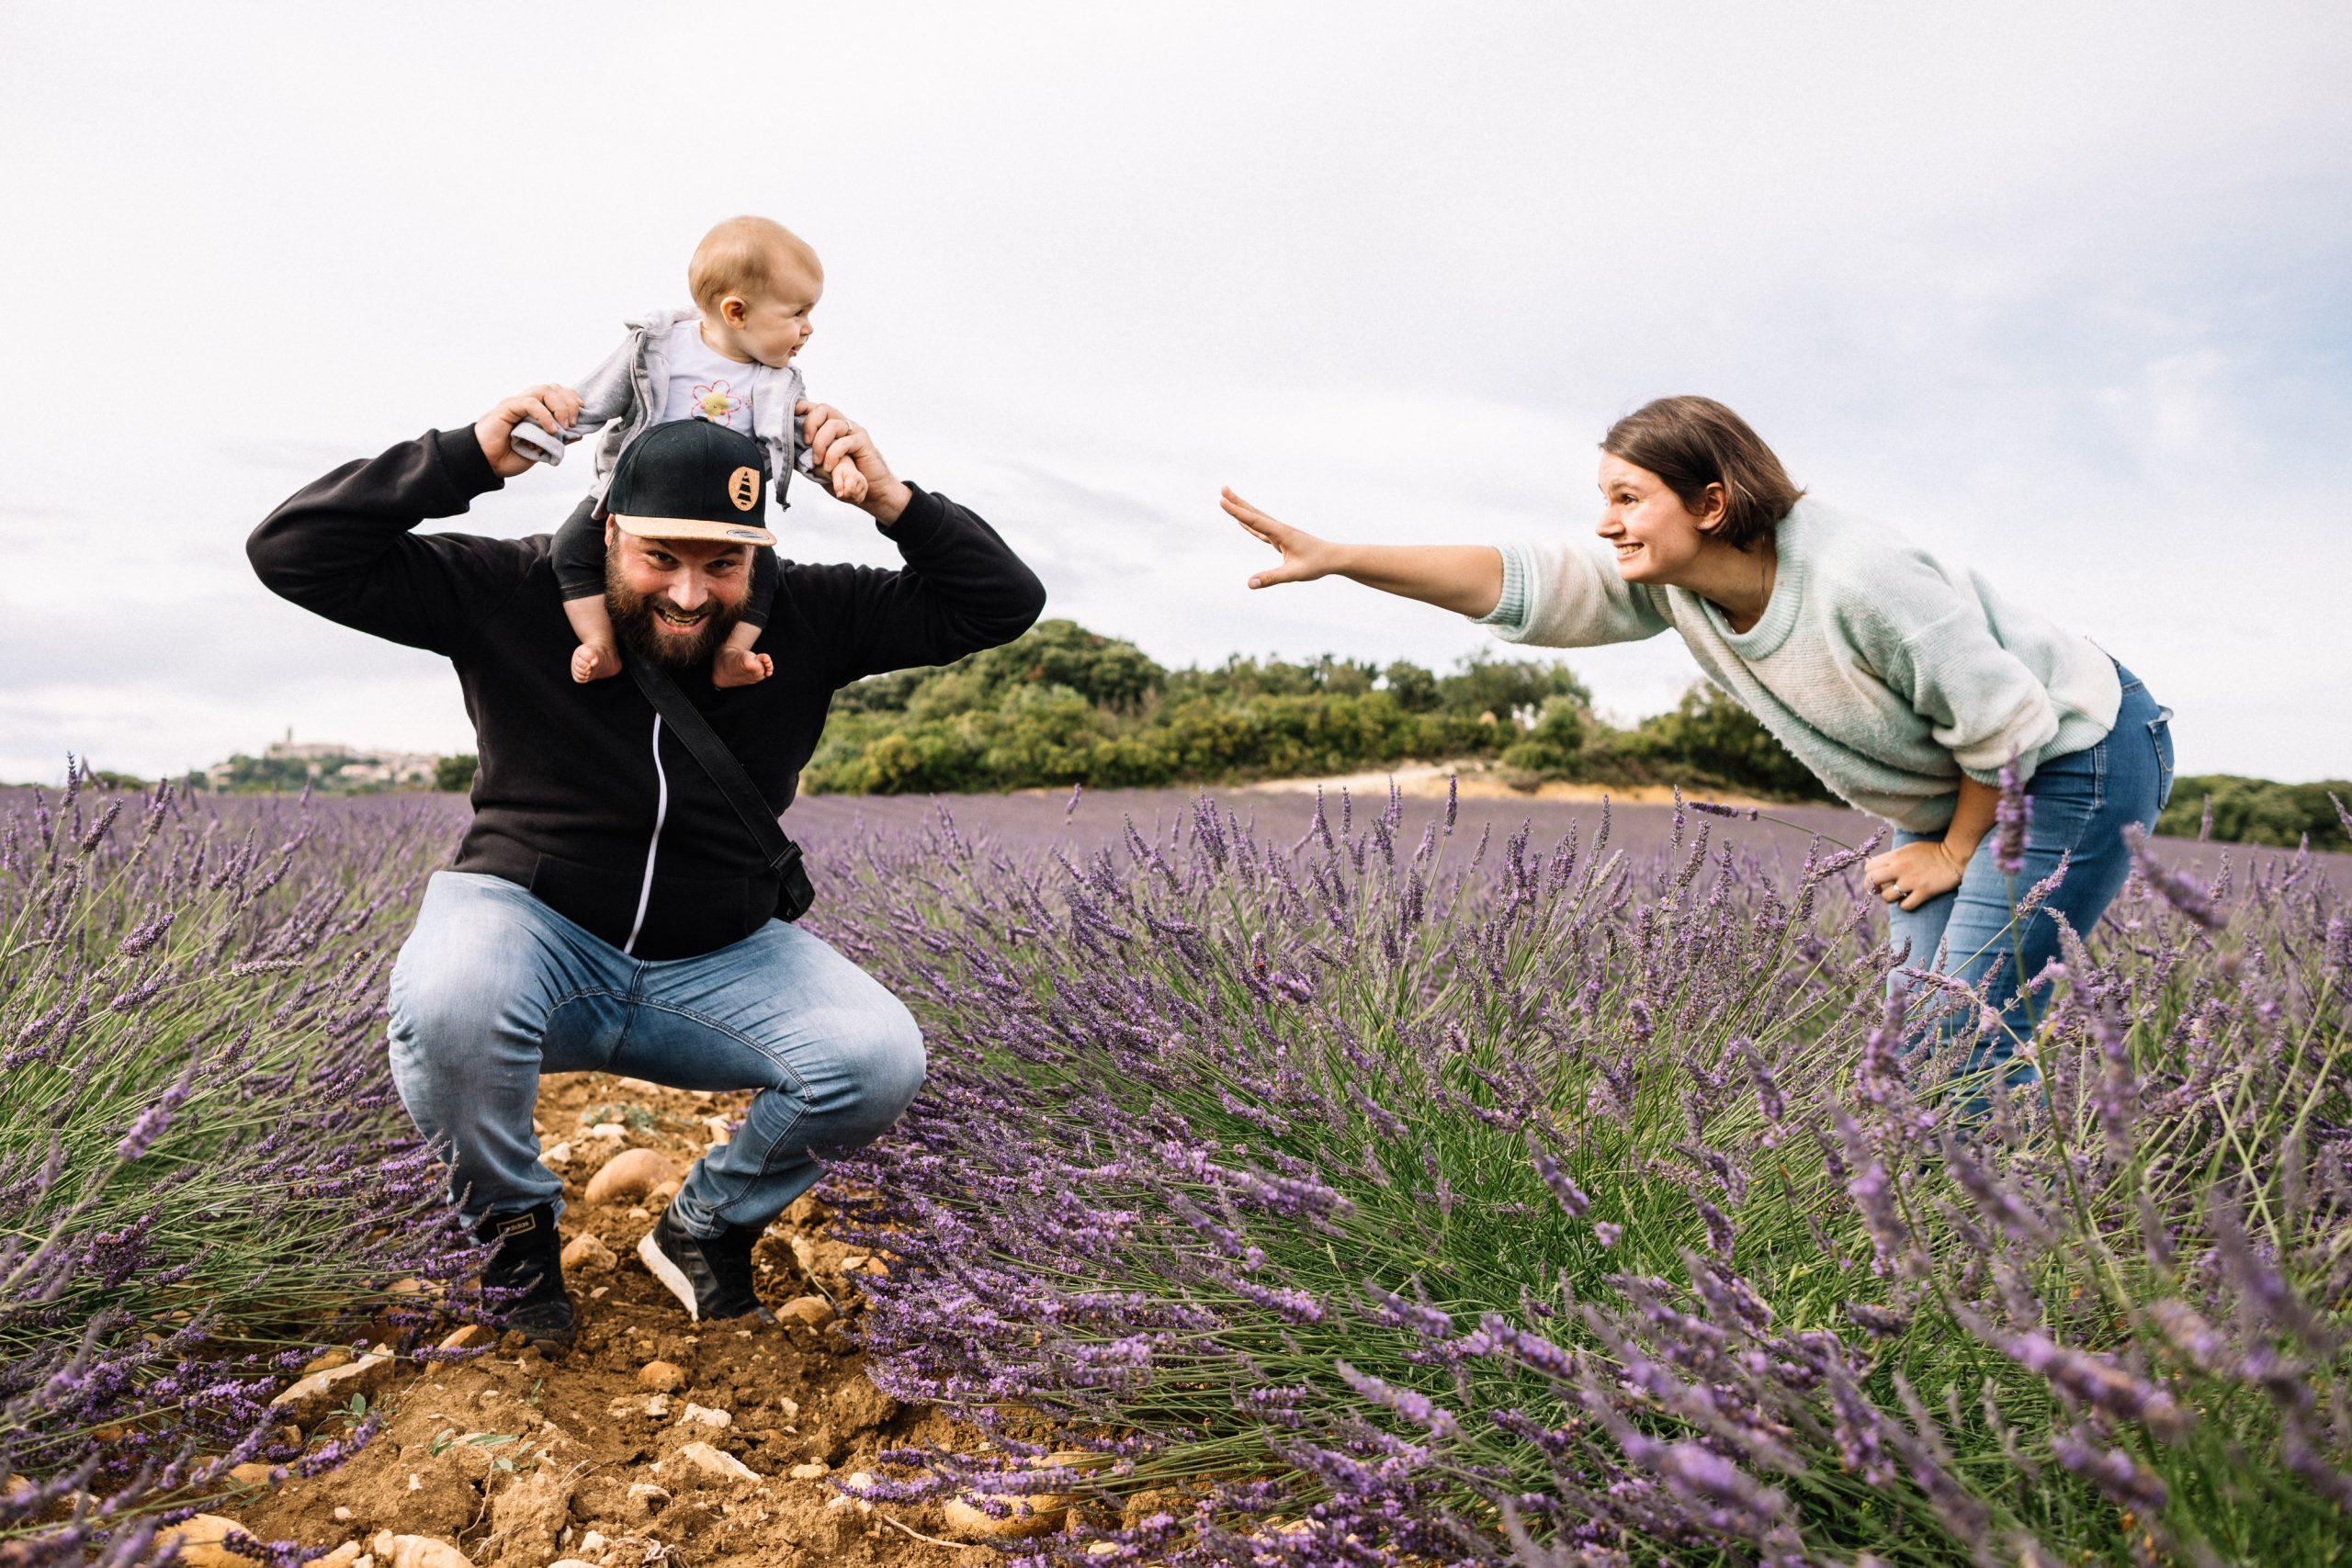 séance famille en Drôme provençale